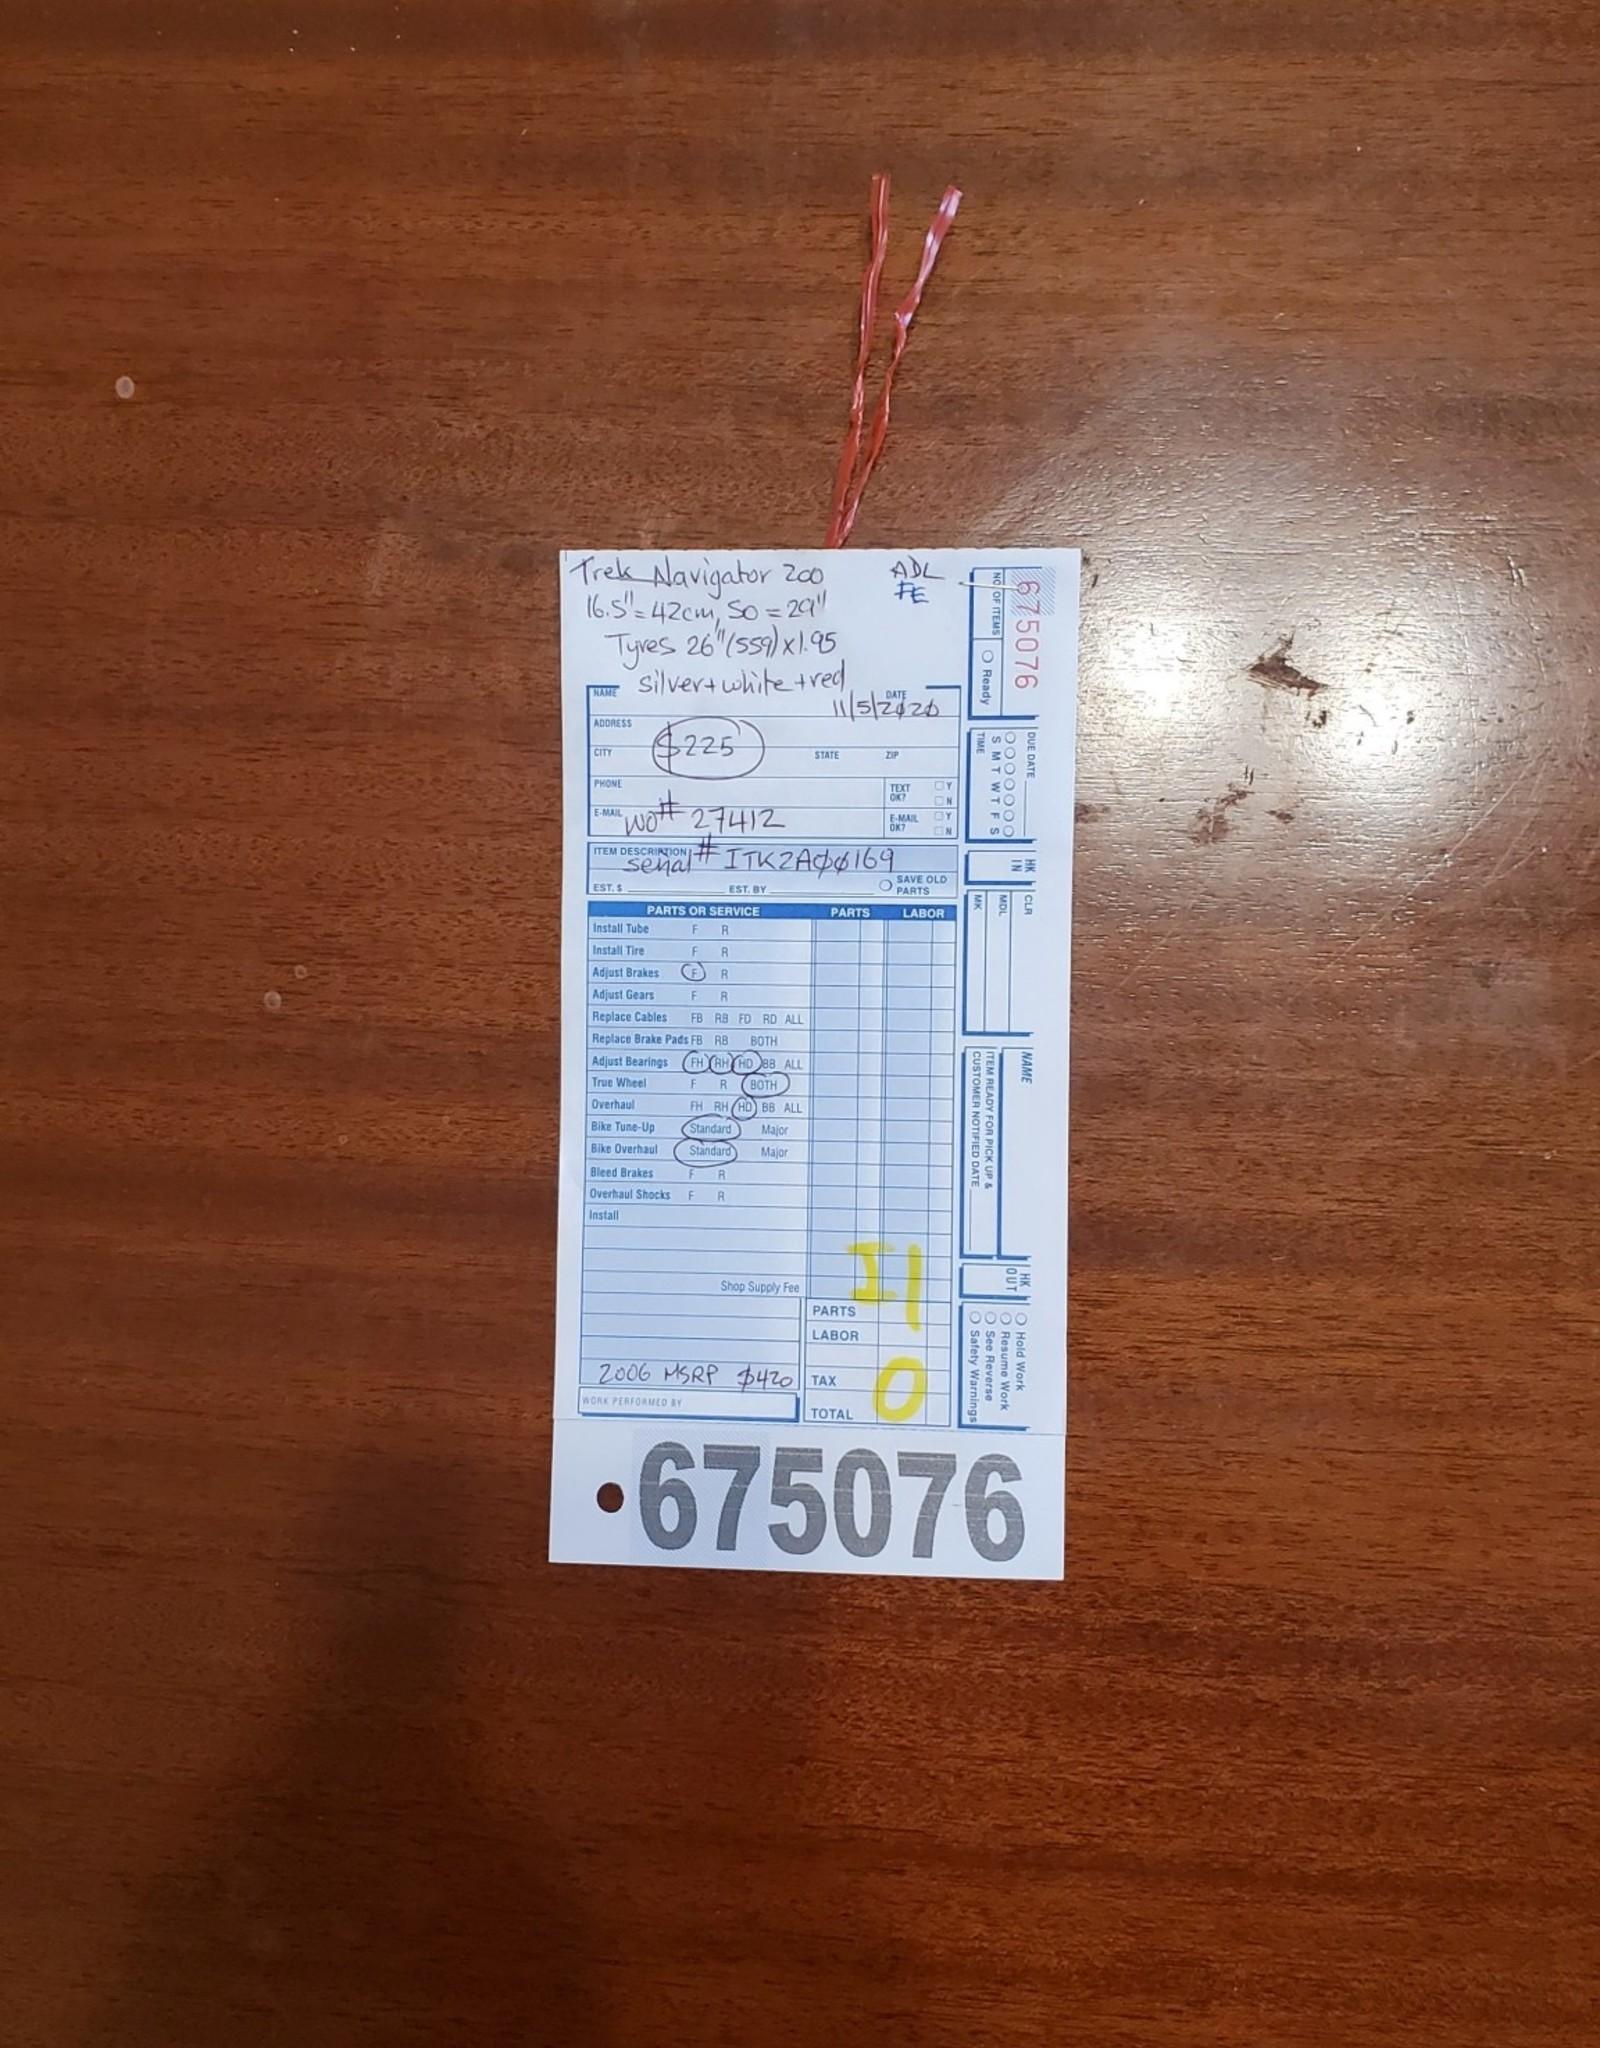 """16.5""""  Trek Navigator 200 (0169 I1U)"""